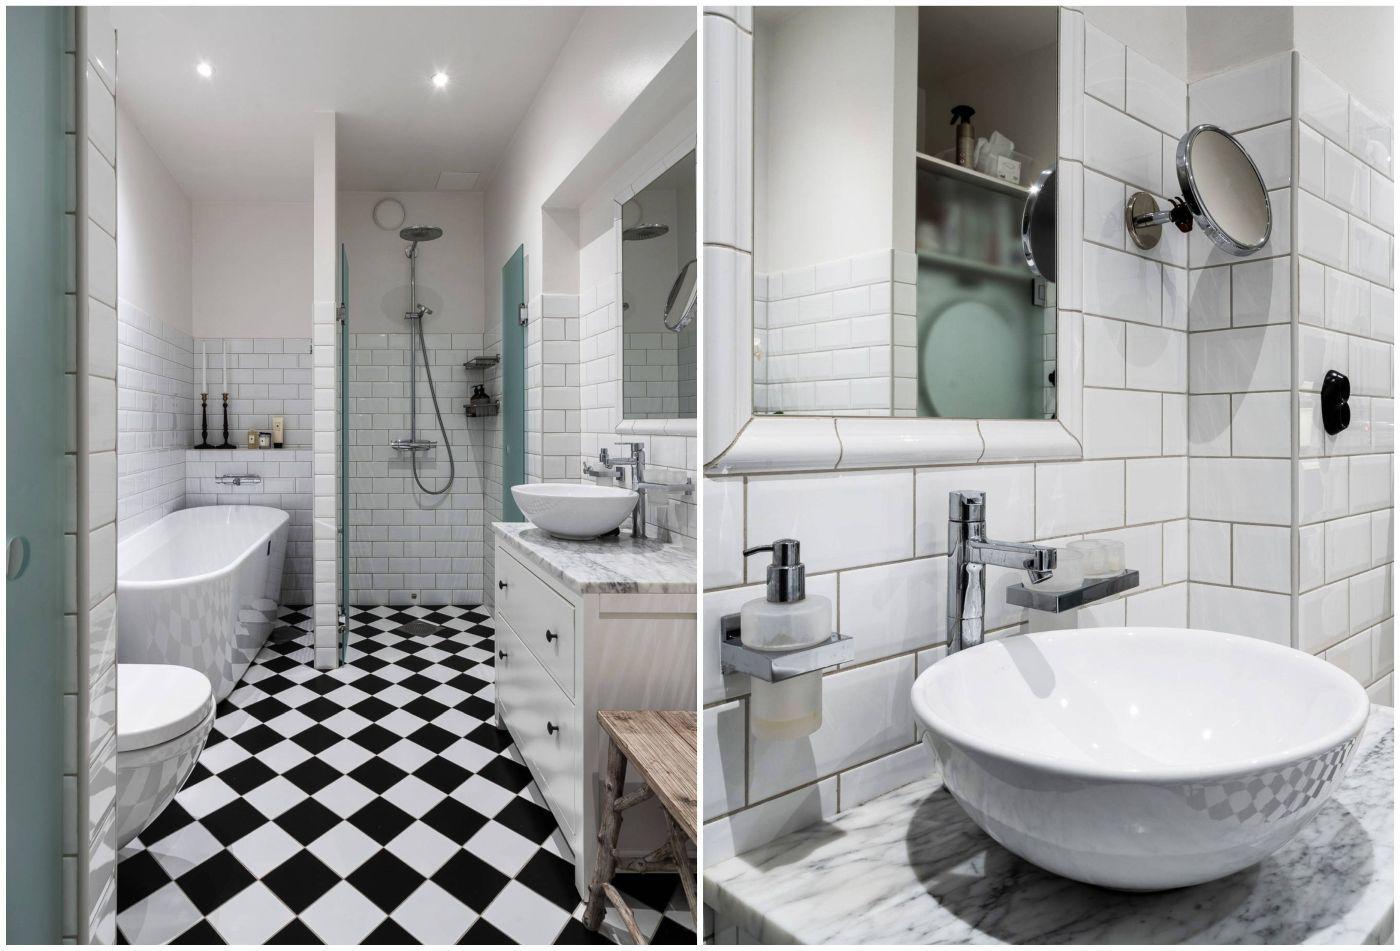 Kissé hűvös hatású de jól felszerelt fürdőszoba